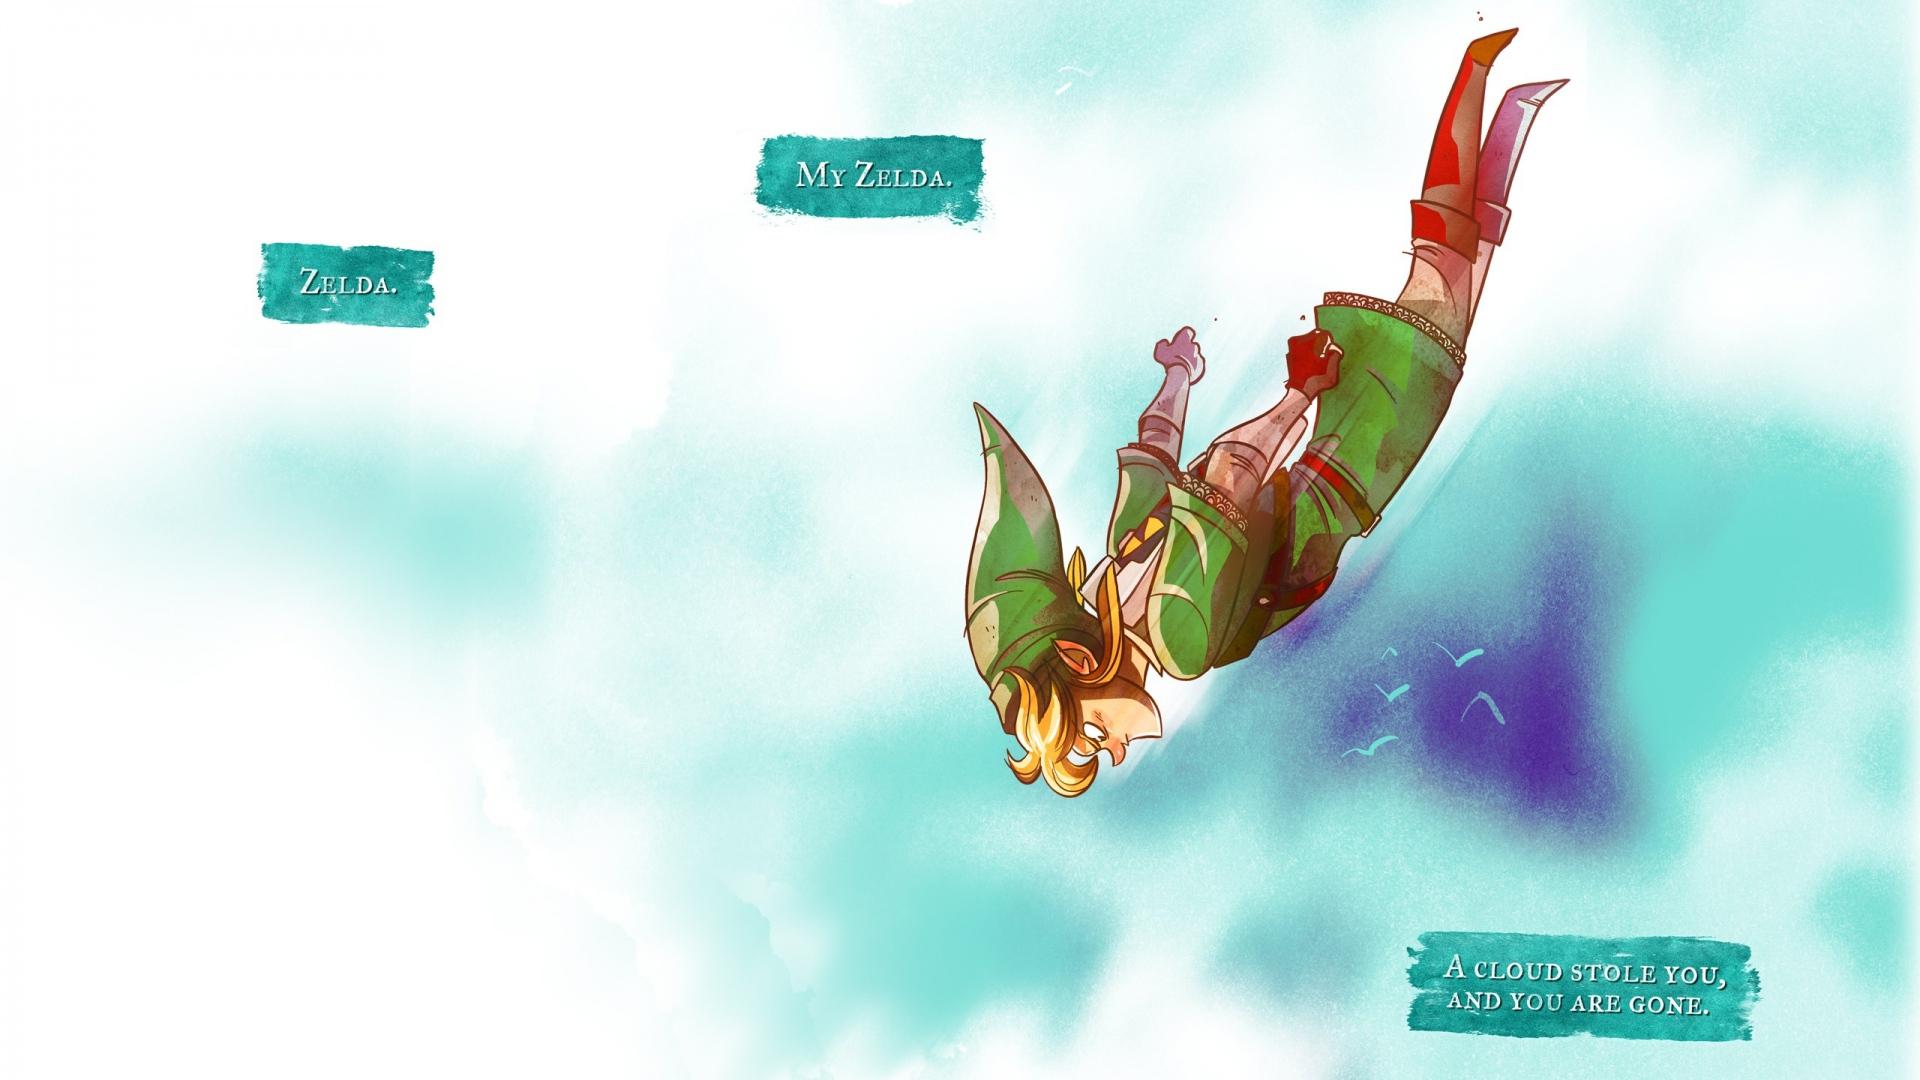 Download Wallpaper 1920x1080 The legend of zelda Jump Elf Fly Link 1920x1080